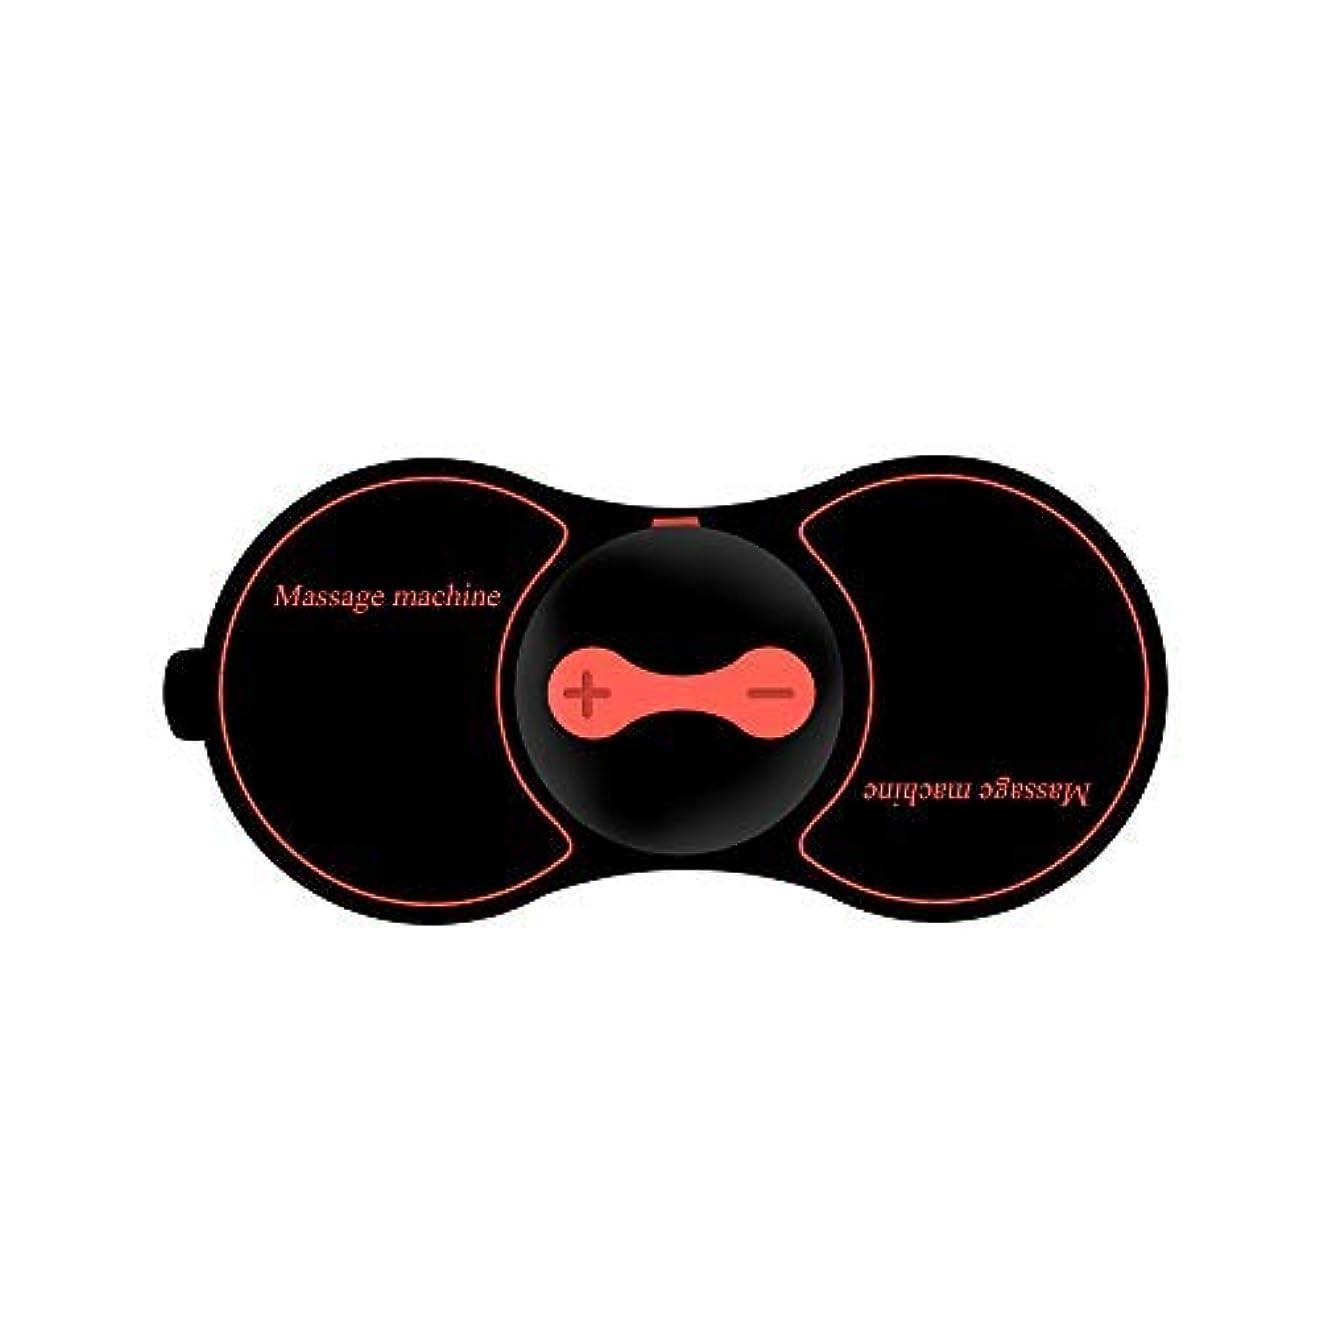 ペグコットン適応的マッサージャー マッサージパッド 超軽量コンパクト コードレス 電気でこり、痛みを緩和 肩、背中、腕、太もも、ふくらはぎに向け 5マッサージモード 10段階調節 リラックス 部屋 オフィス 旅行 健康家電 (ブラック)